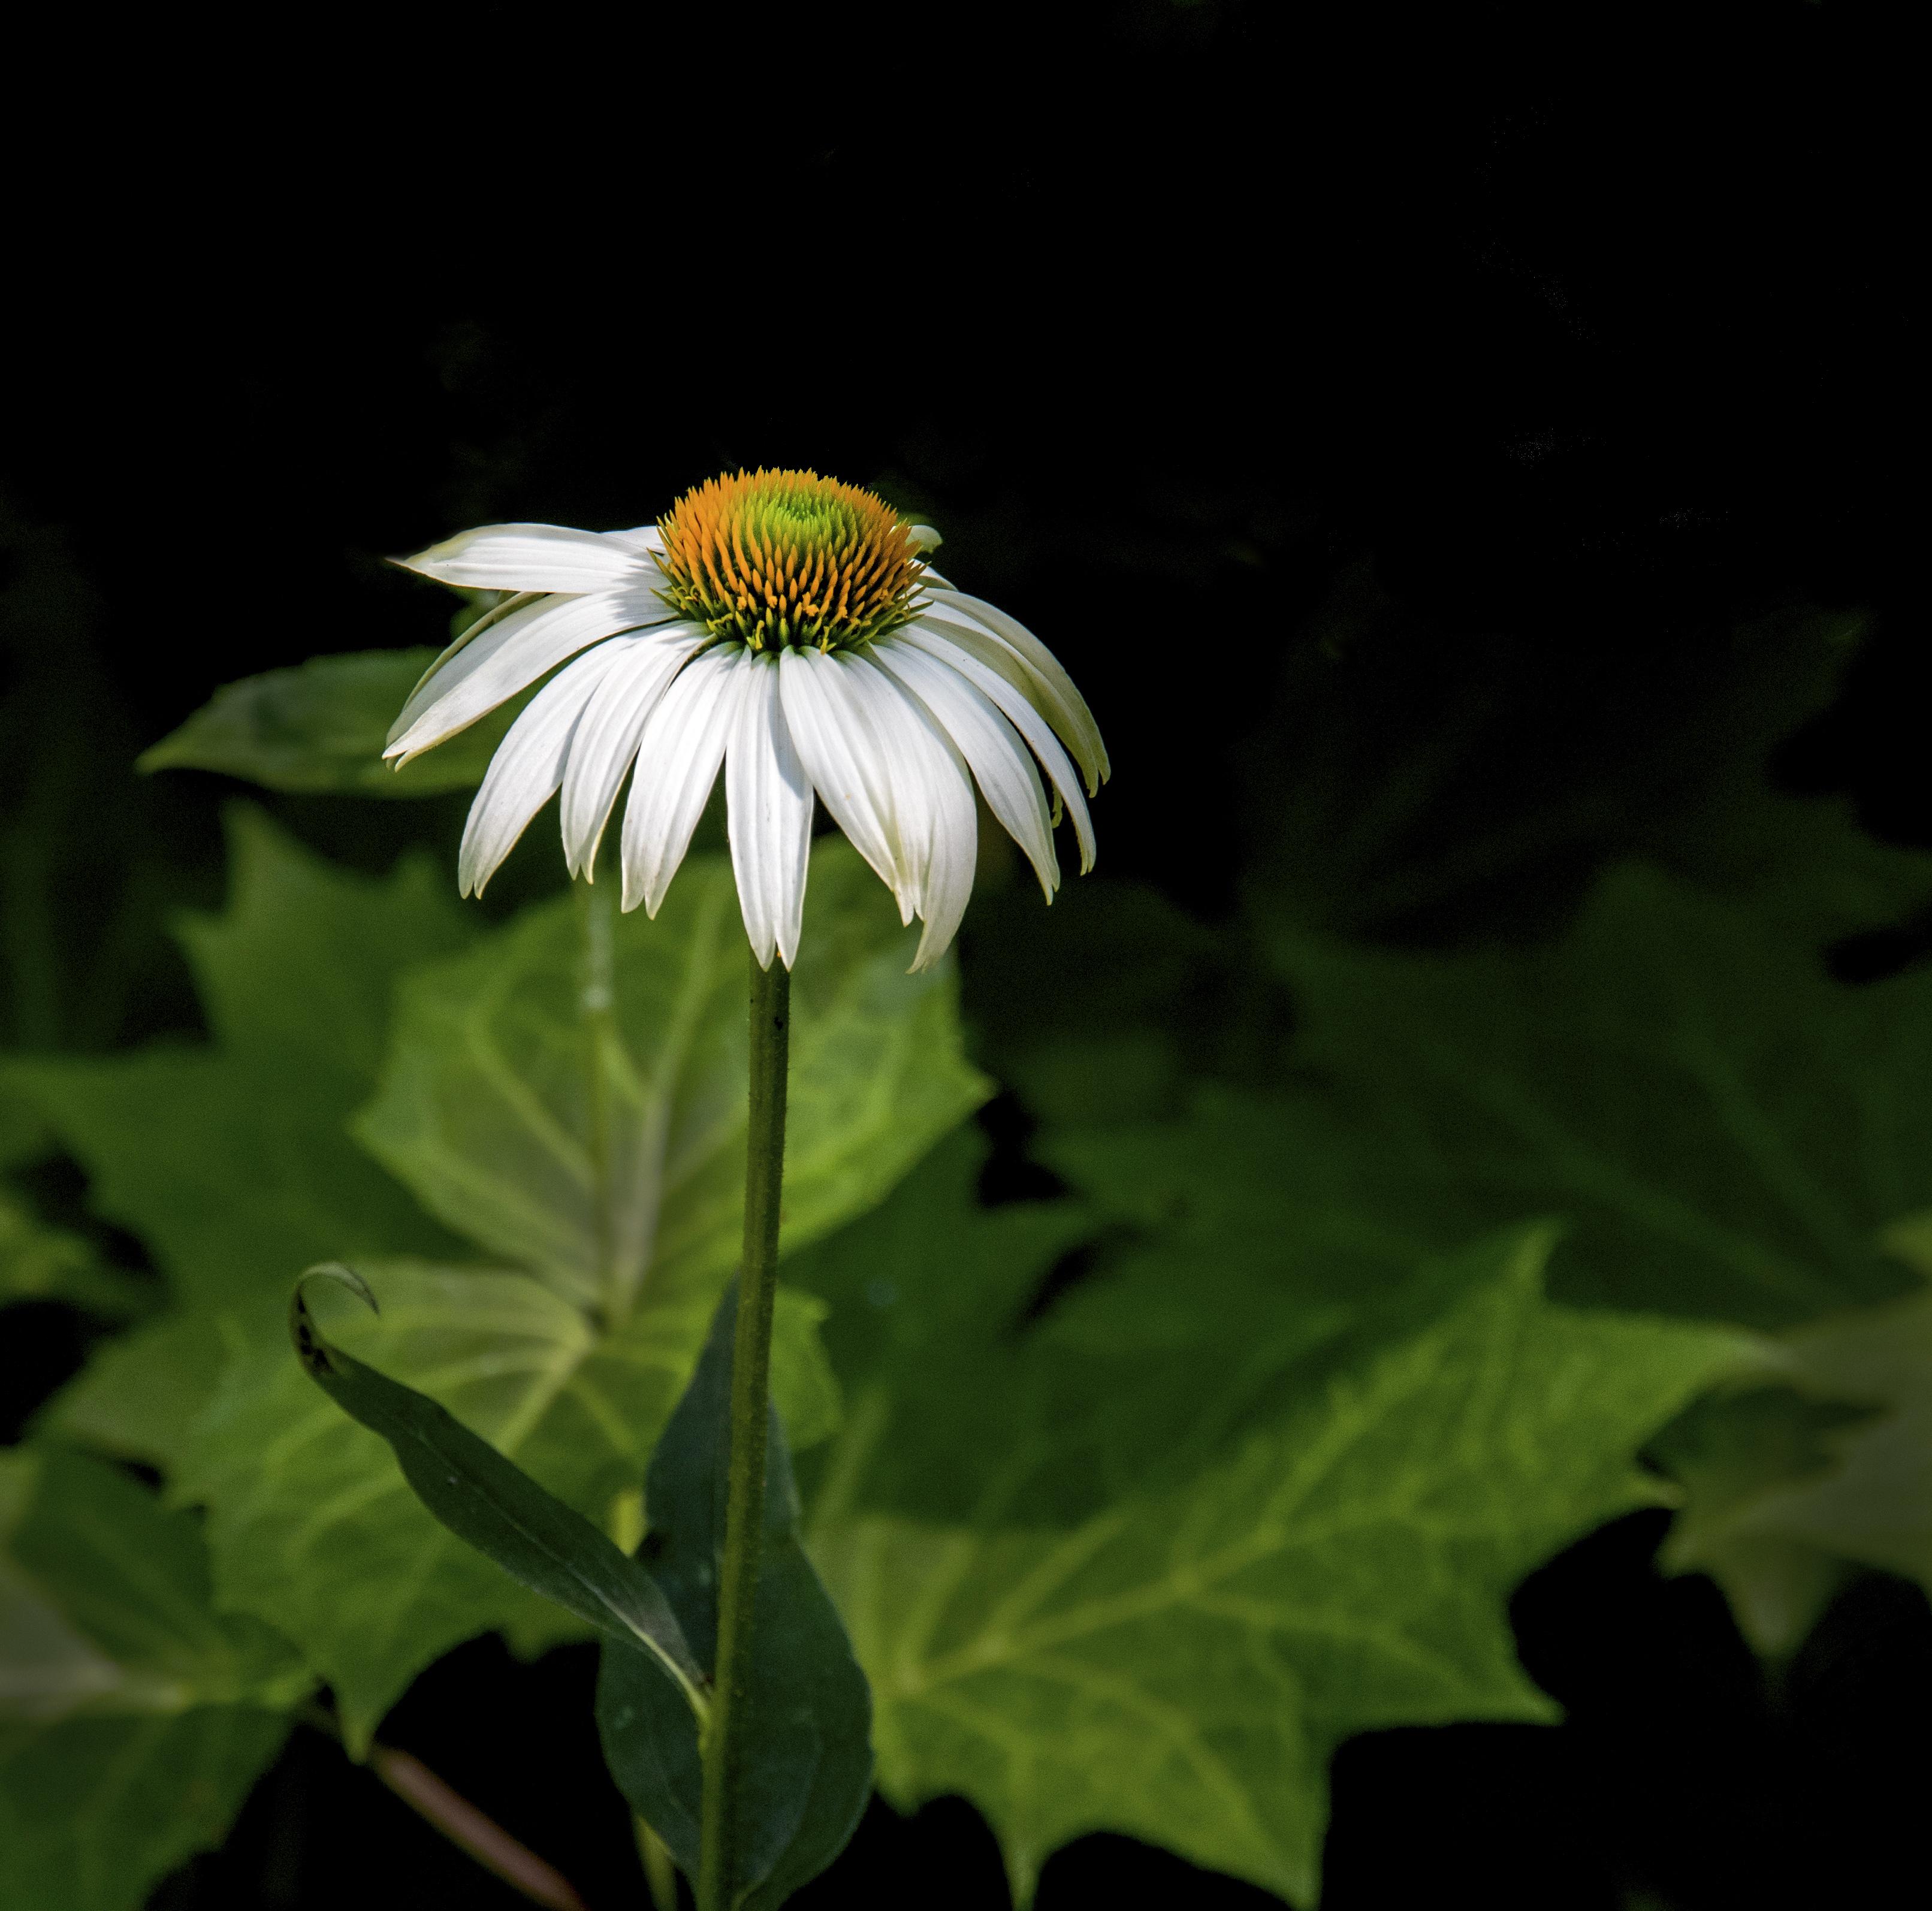 Daisy in the shade 2